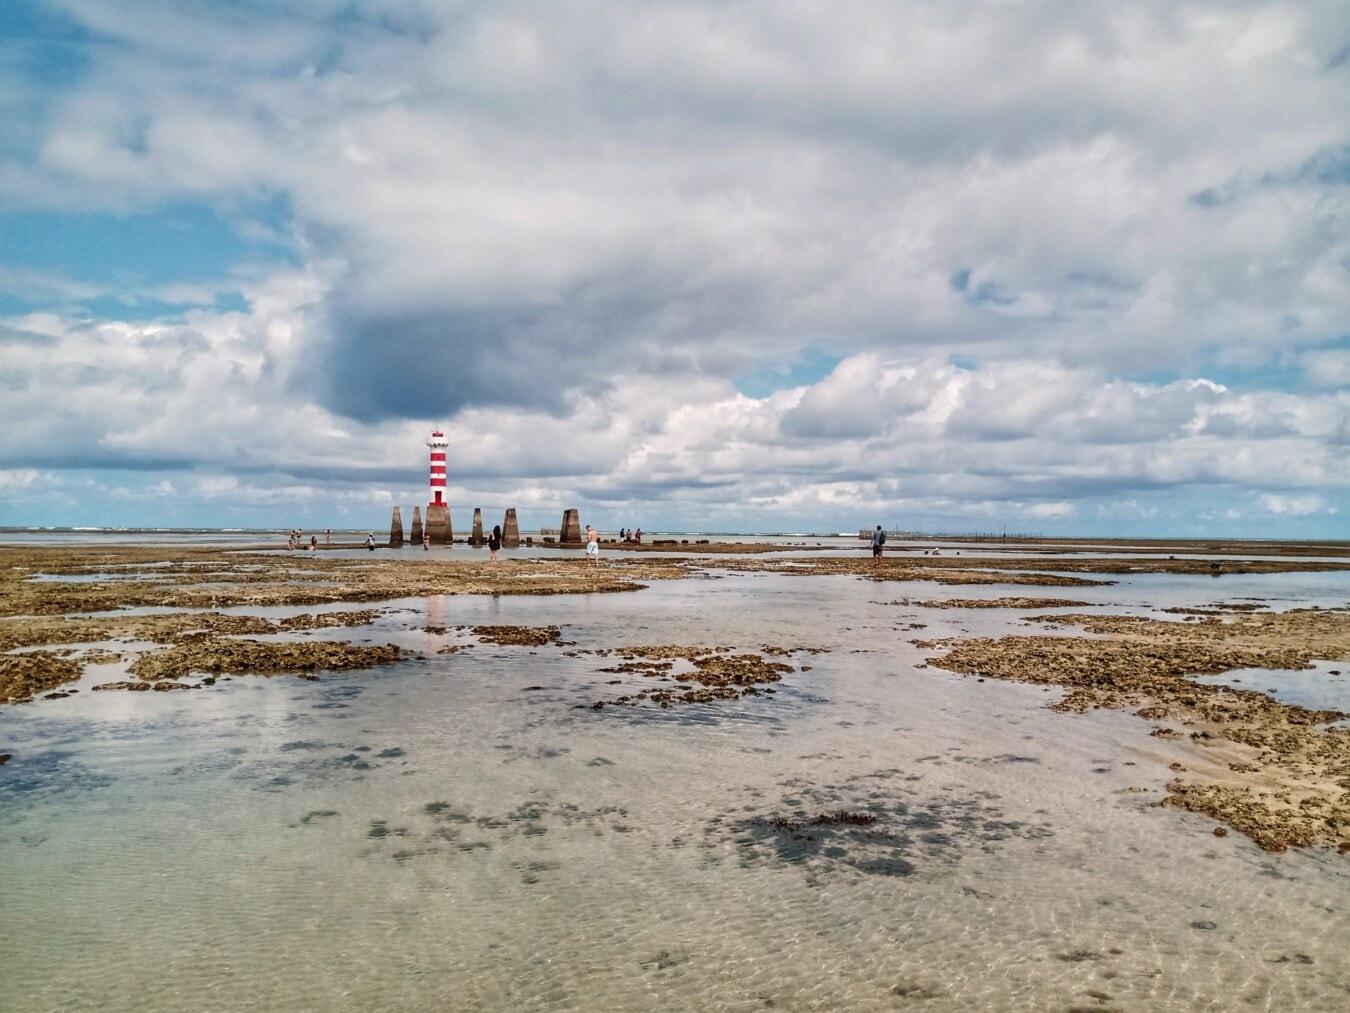 Koralle, bei Ebbe, Beacon-Dienst, Strand, direkt am Strand, Meer, Wasser, Ozean, Küste, Natur